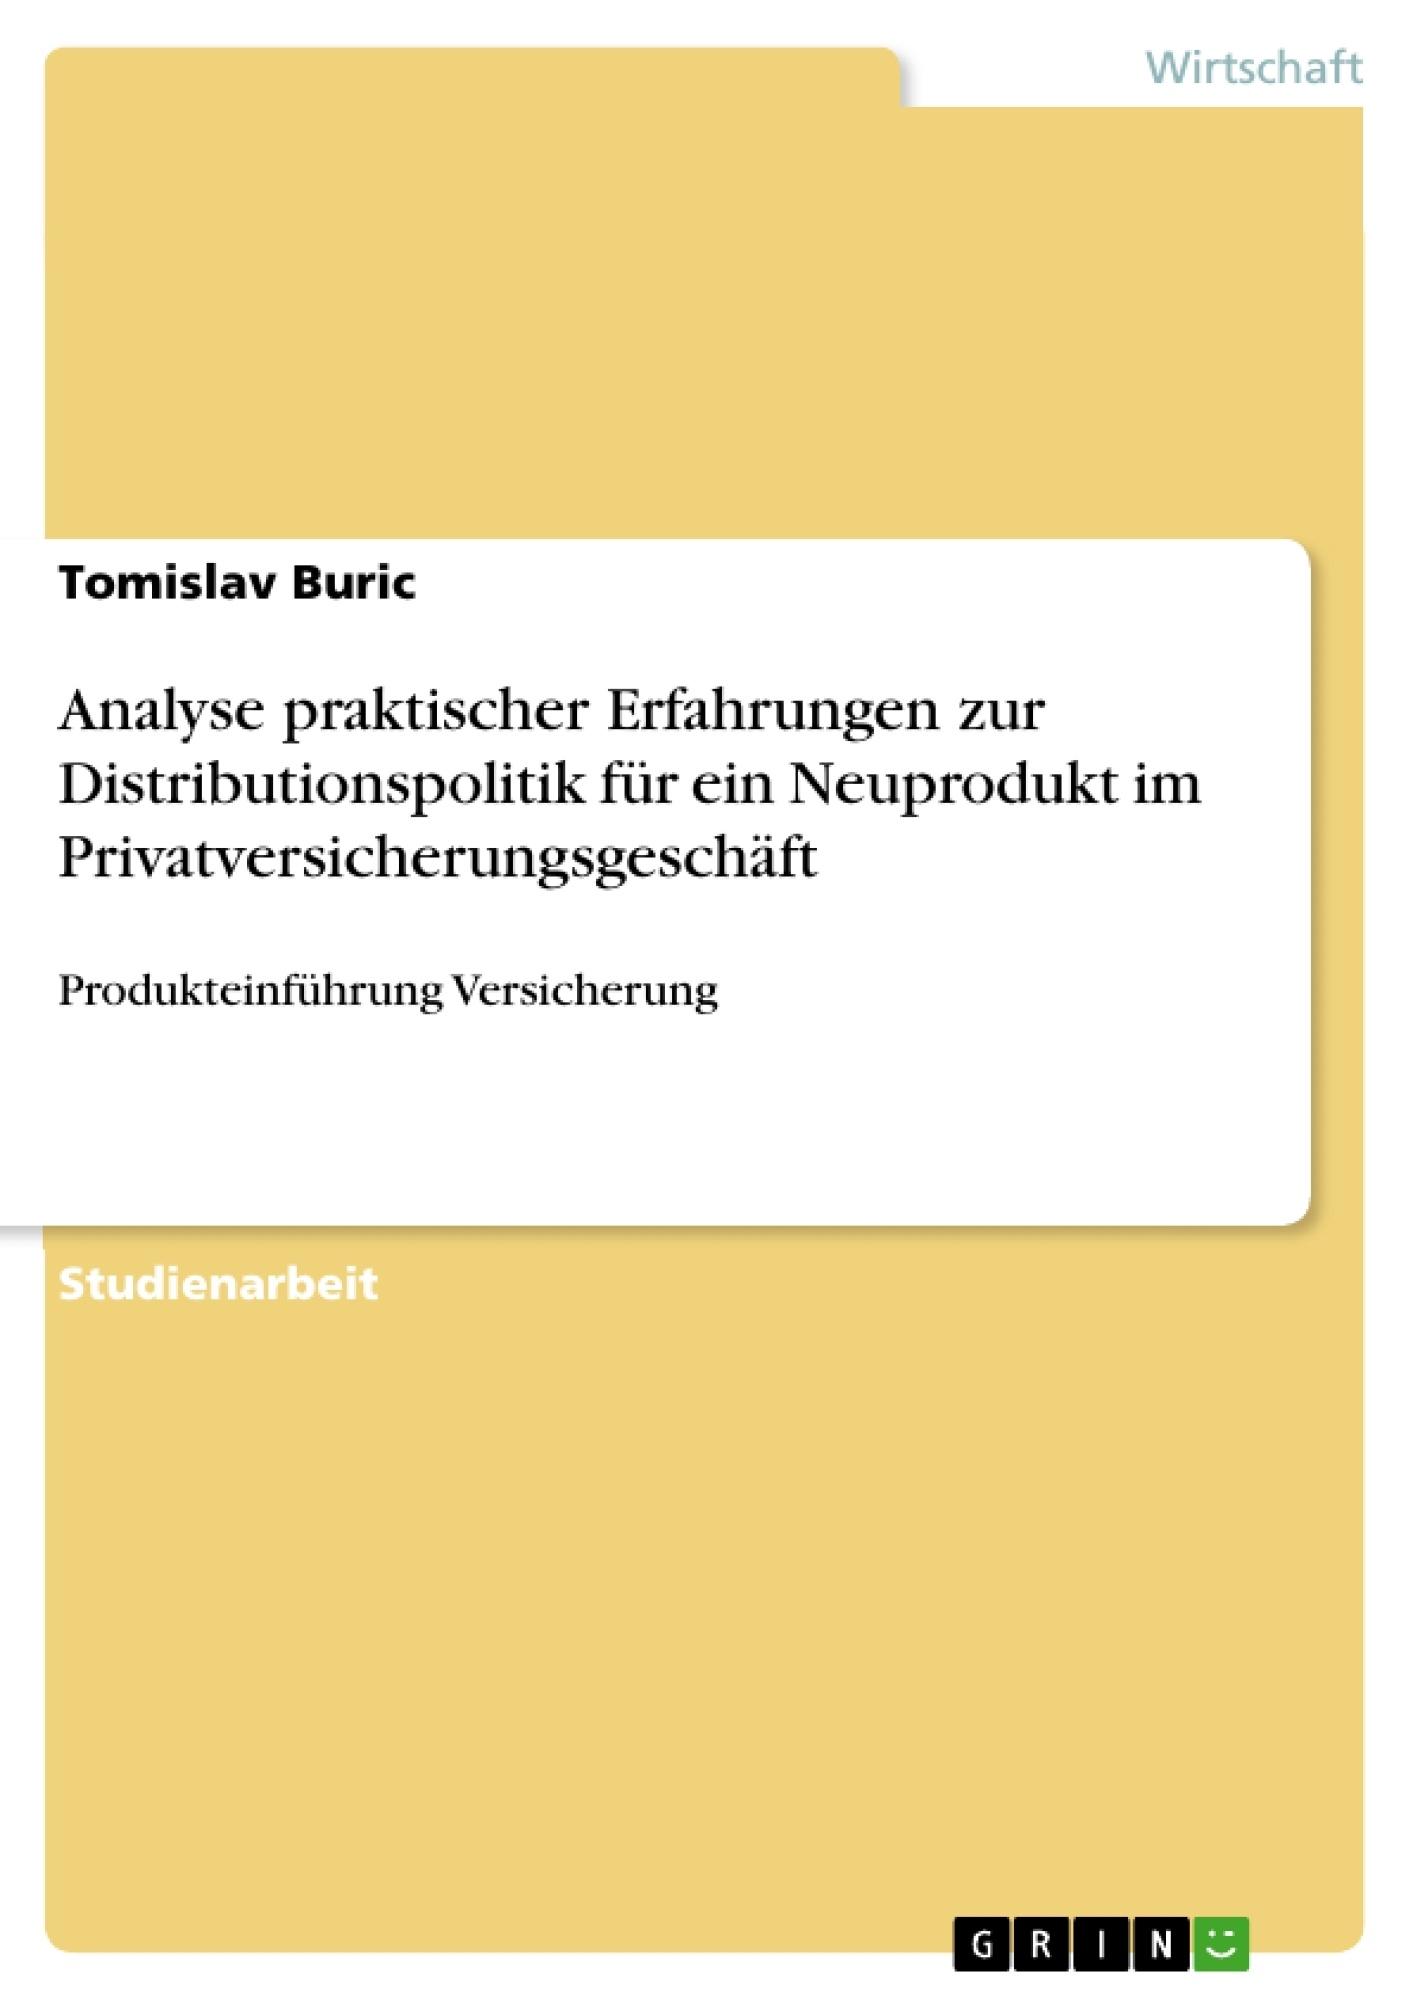 Titel: Analyse praktischer Erfahrungen zur Distributionspolitik für ein Neuprodukt im Privatversicherungsgeschäft